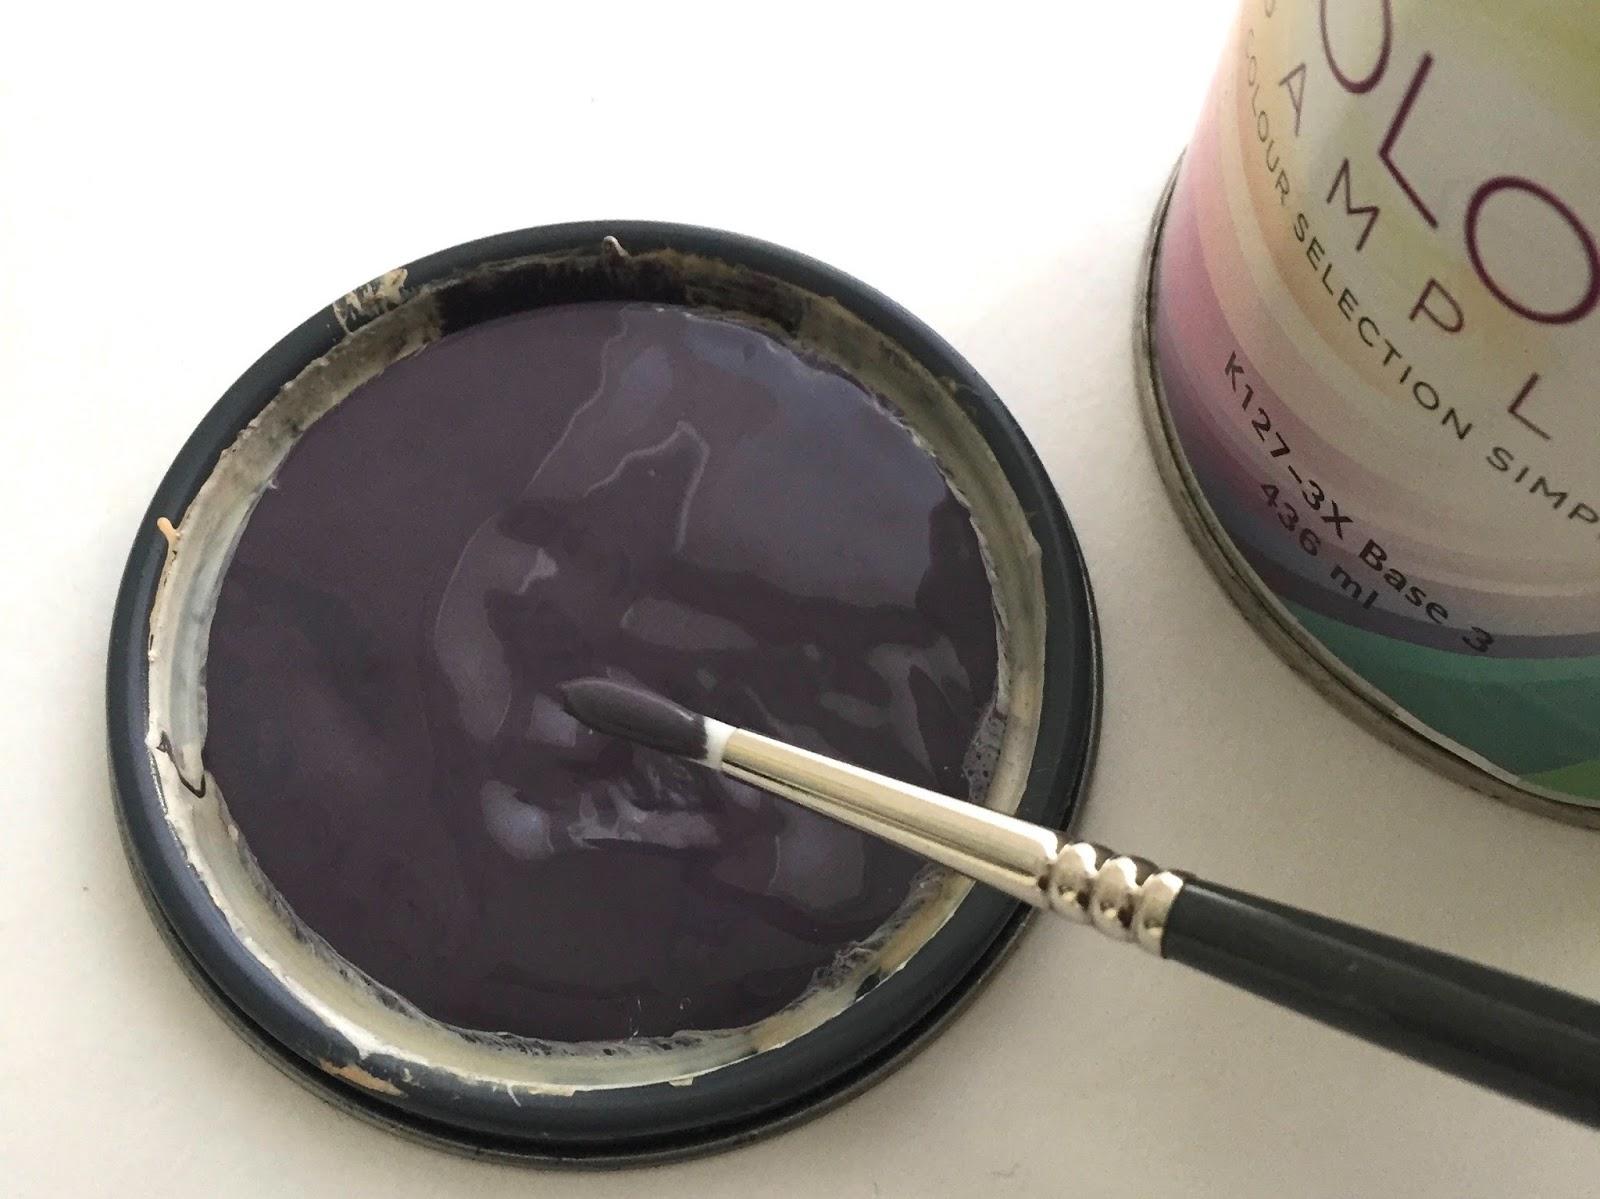 My house wednesday inspiration benjamin moore quot gentleman s gray - My Benjamin Moore Colour Trend Challenge